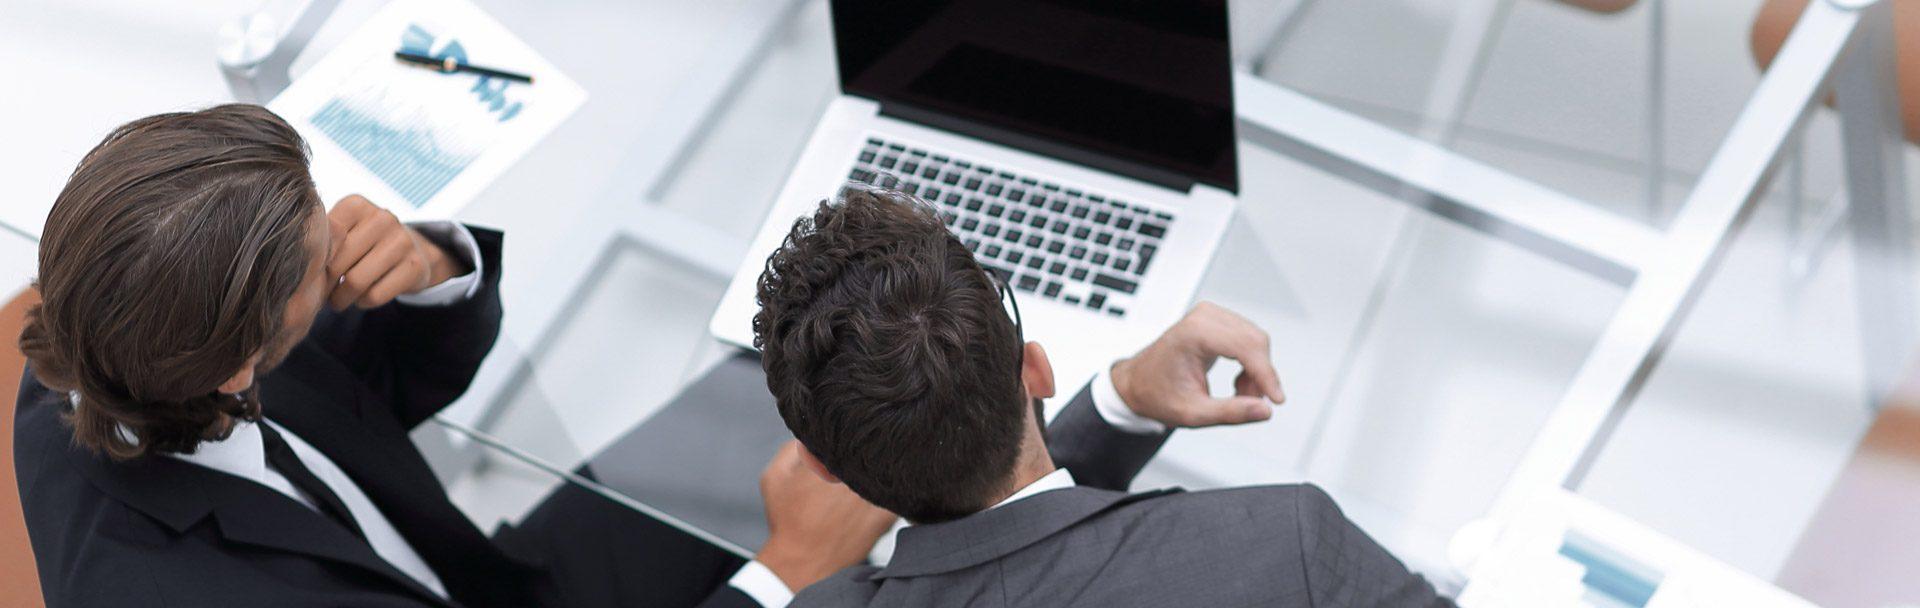 Blog: 5 onmisbare tips voor het datamodel van financiële instellingen - Hot ITem